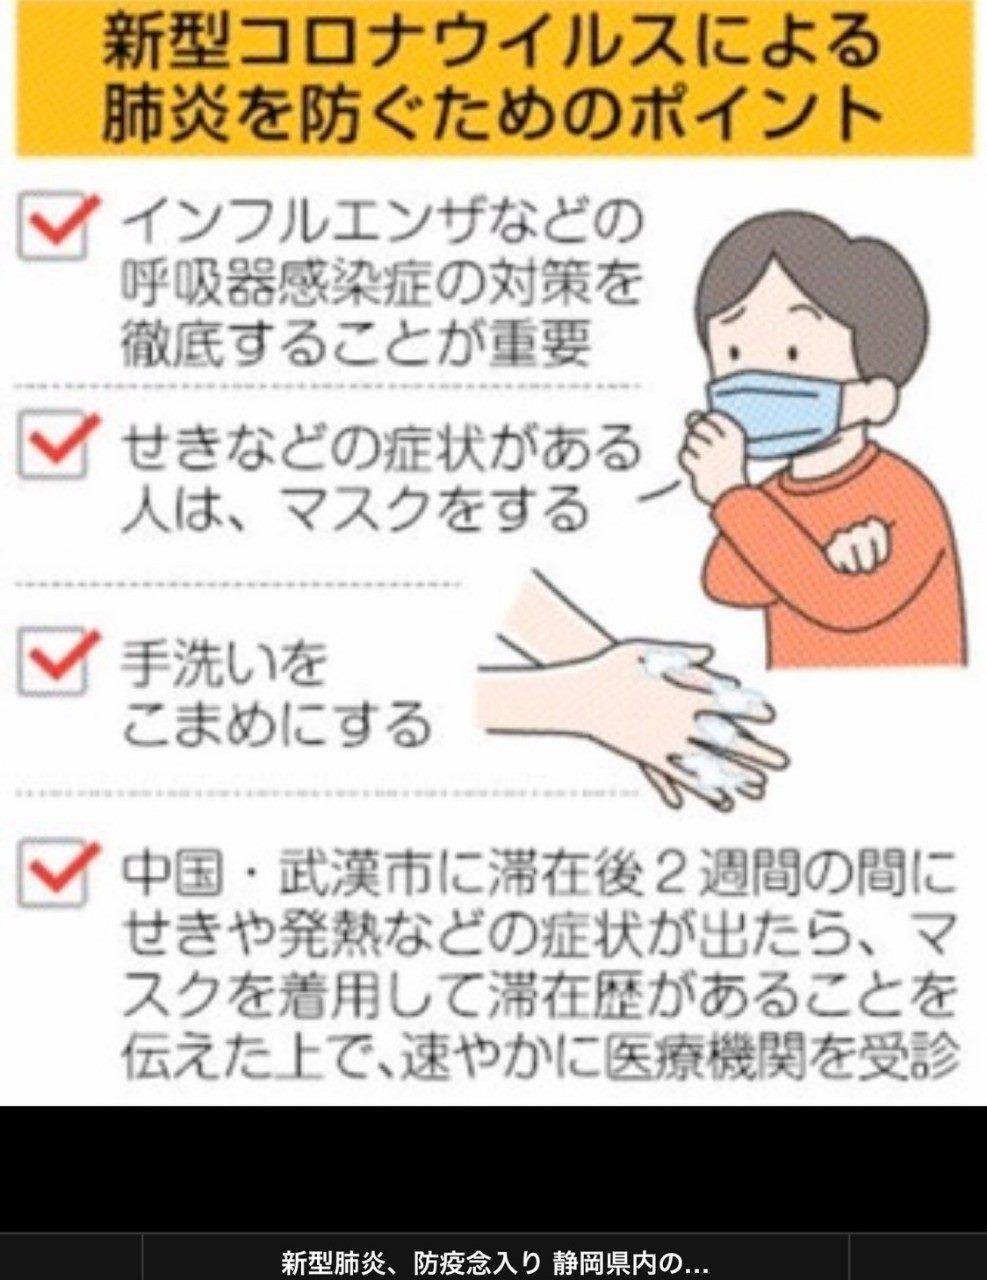 コロナ ウイルス 予防